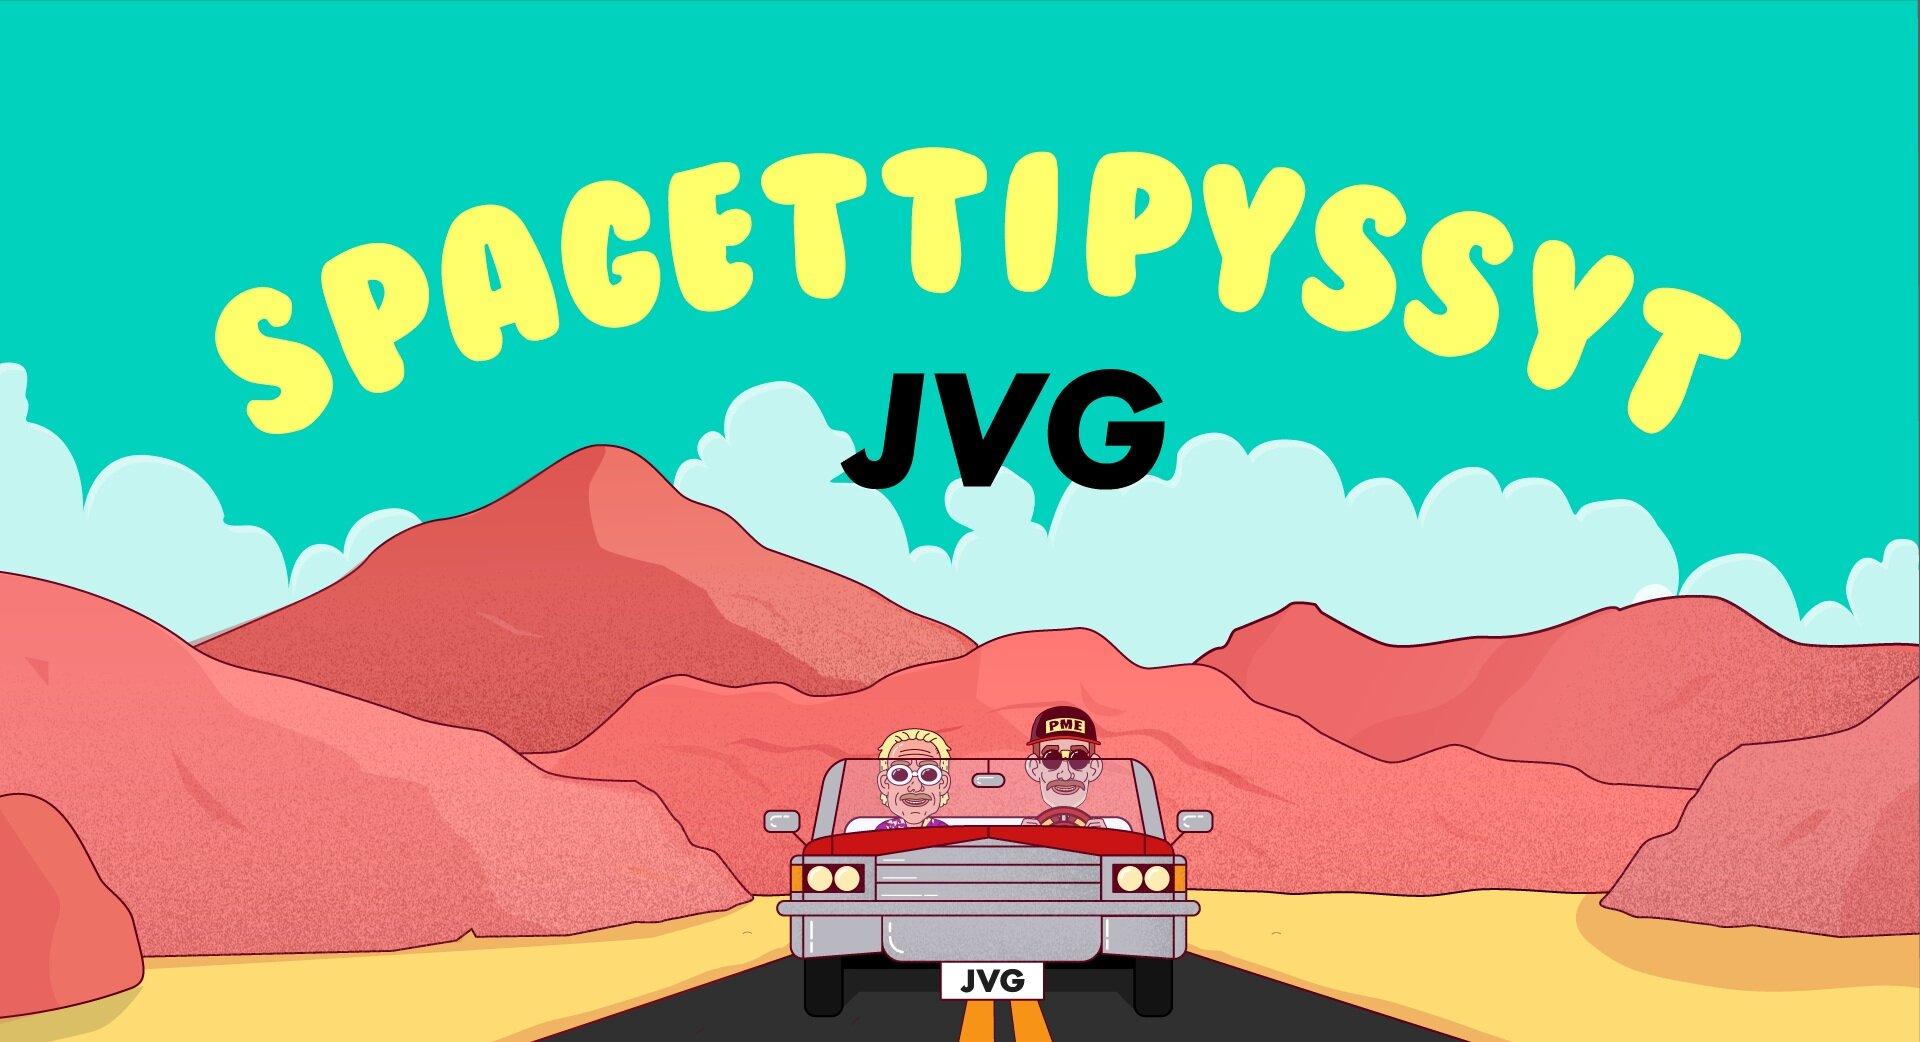 JVG - SPAGETTIPYSSYT